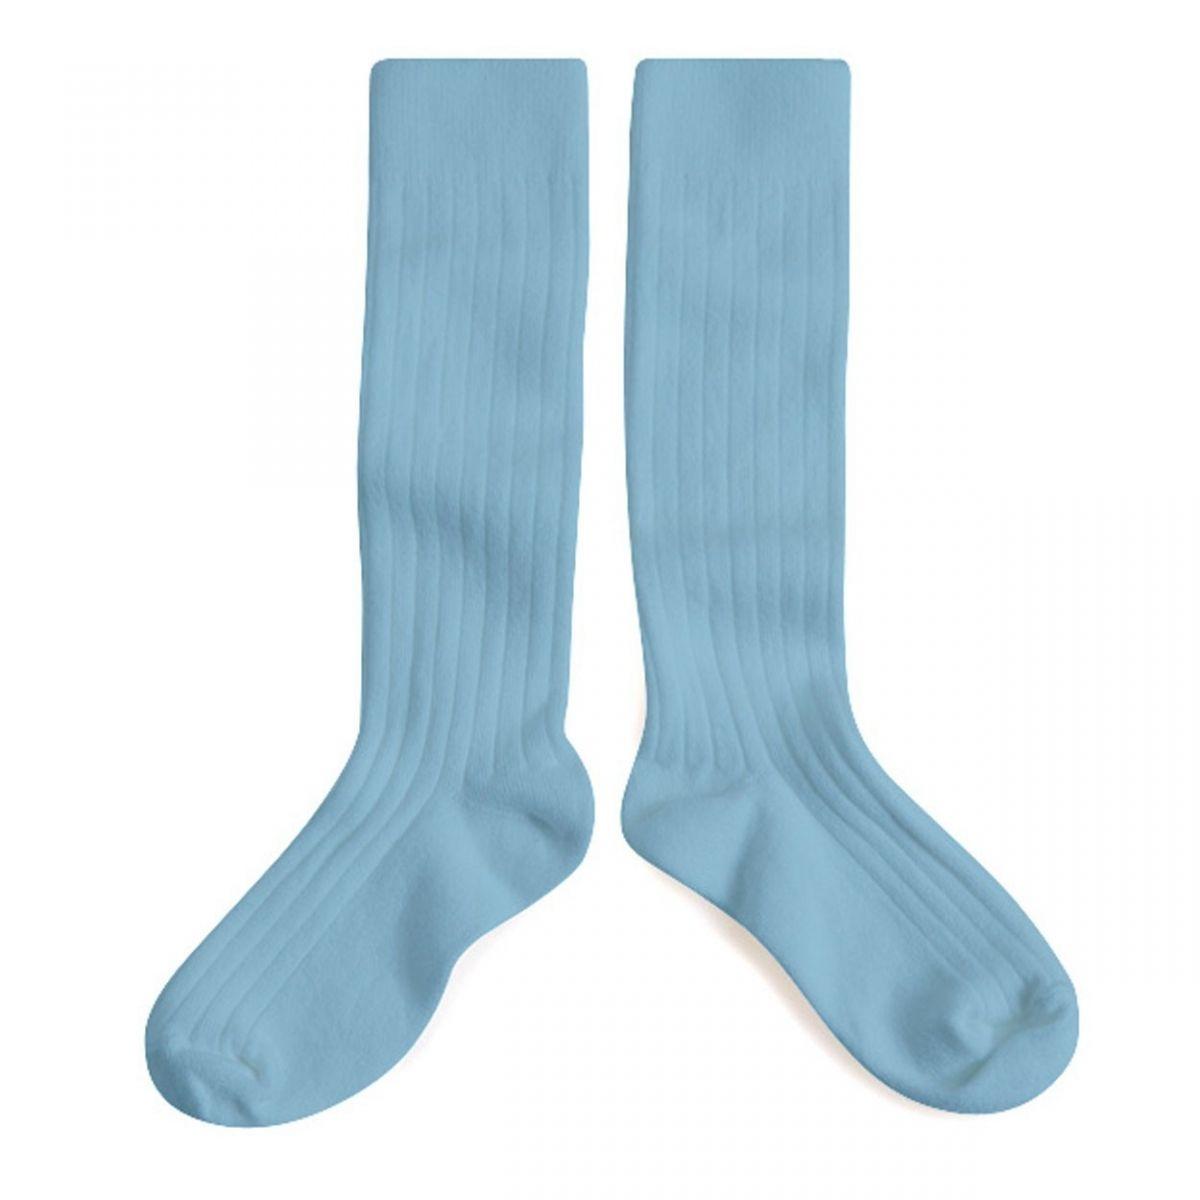 Podkolanówki Kneesocks ZINC light blue jasnoniebieskie -